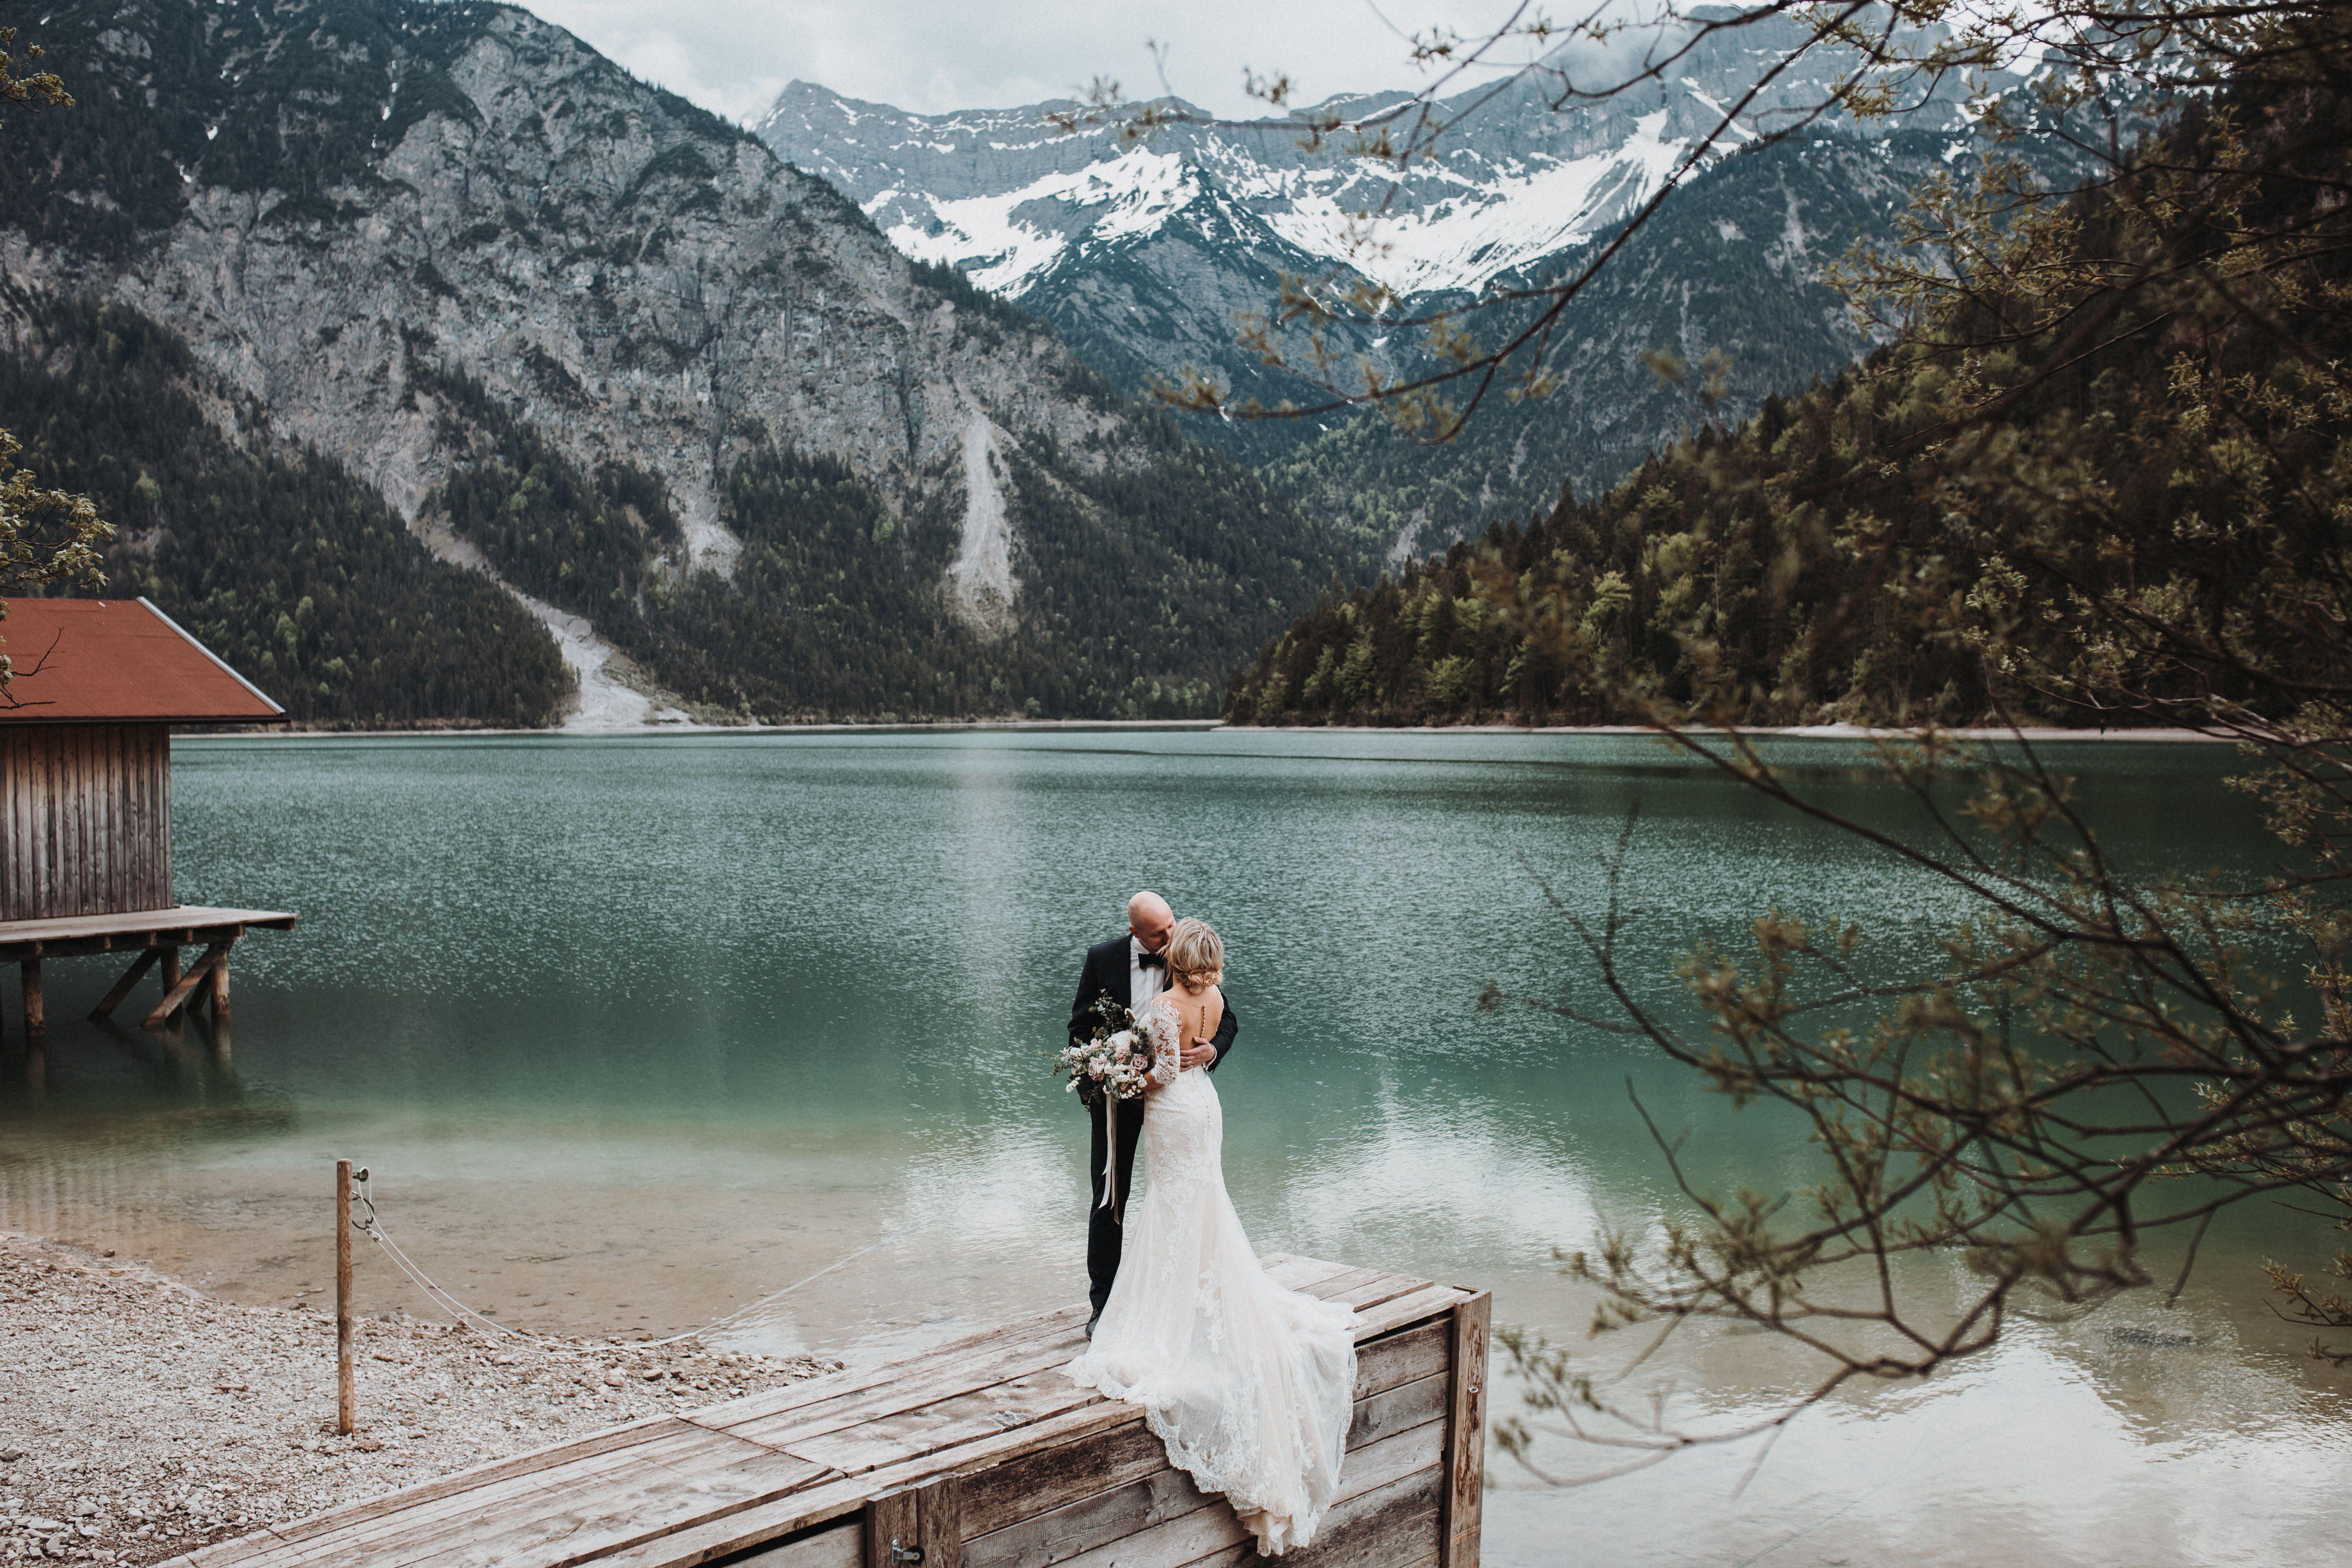 After Wedding Am Plansee Osterreich Jennifer Stieler Photography Kosten Hochzeit Hochzeit Schloss Hochzeitsfotos